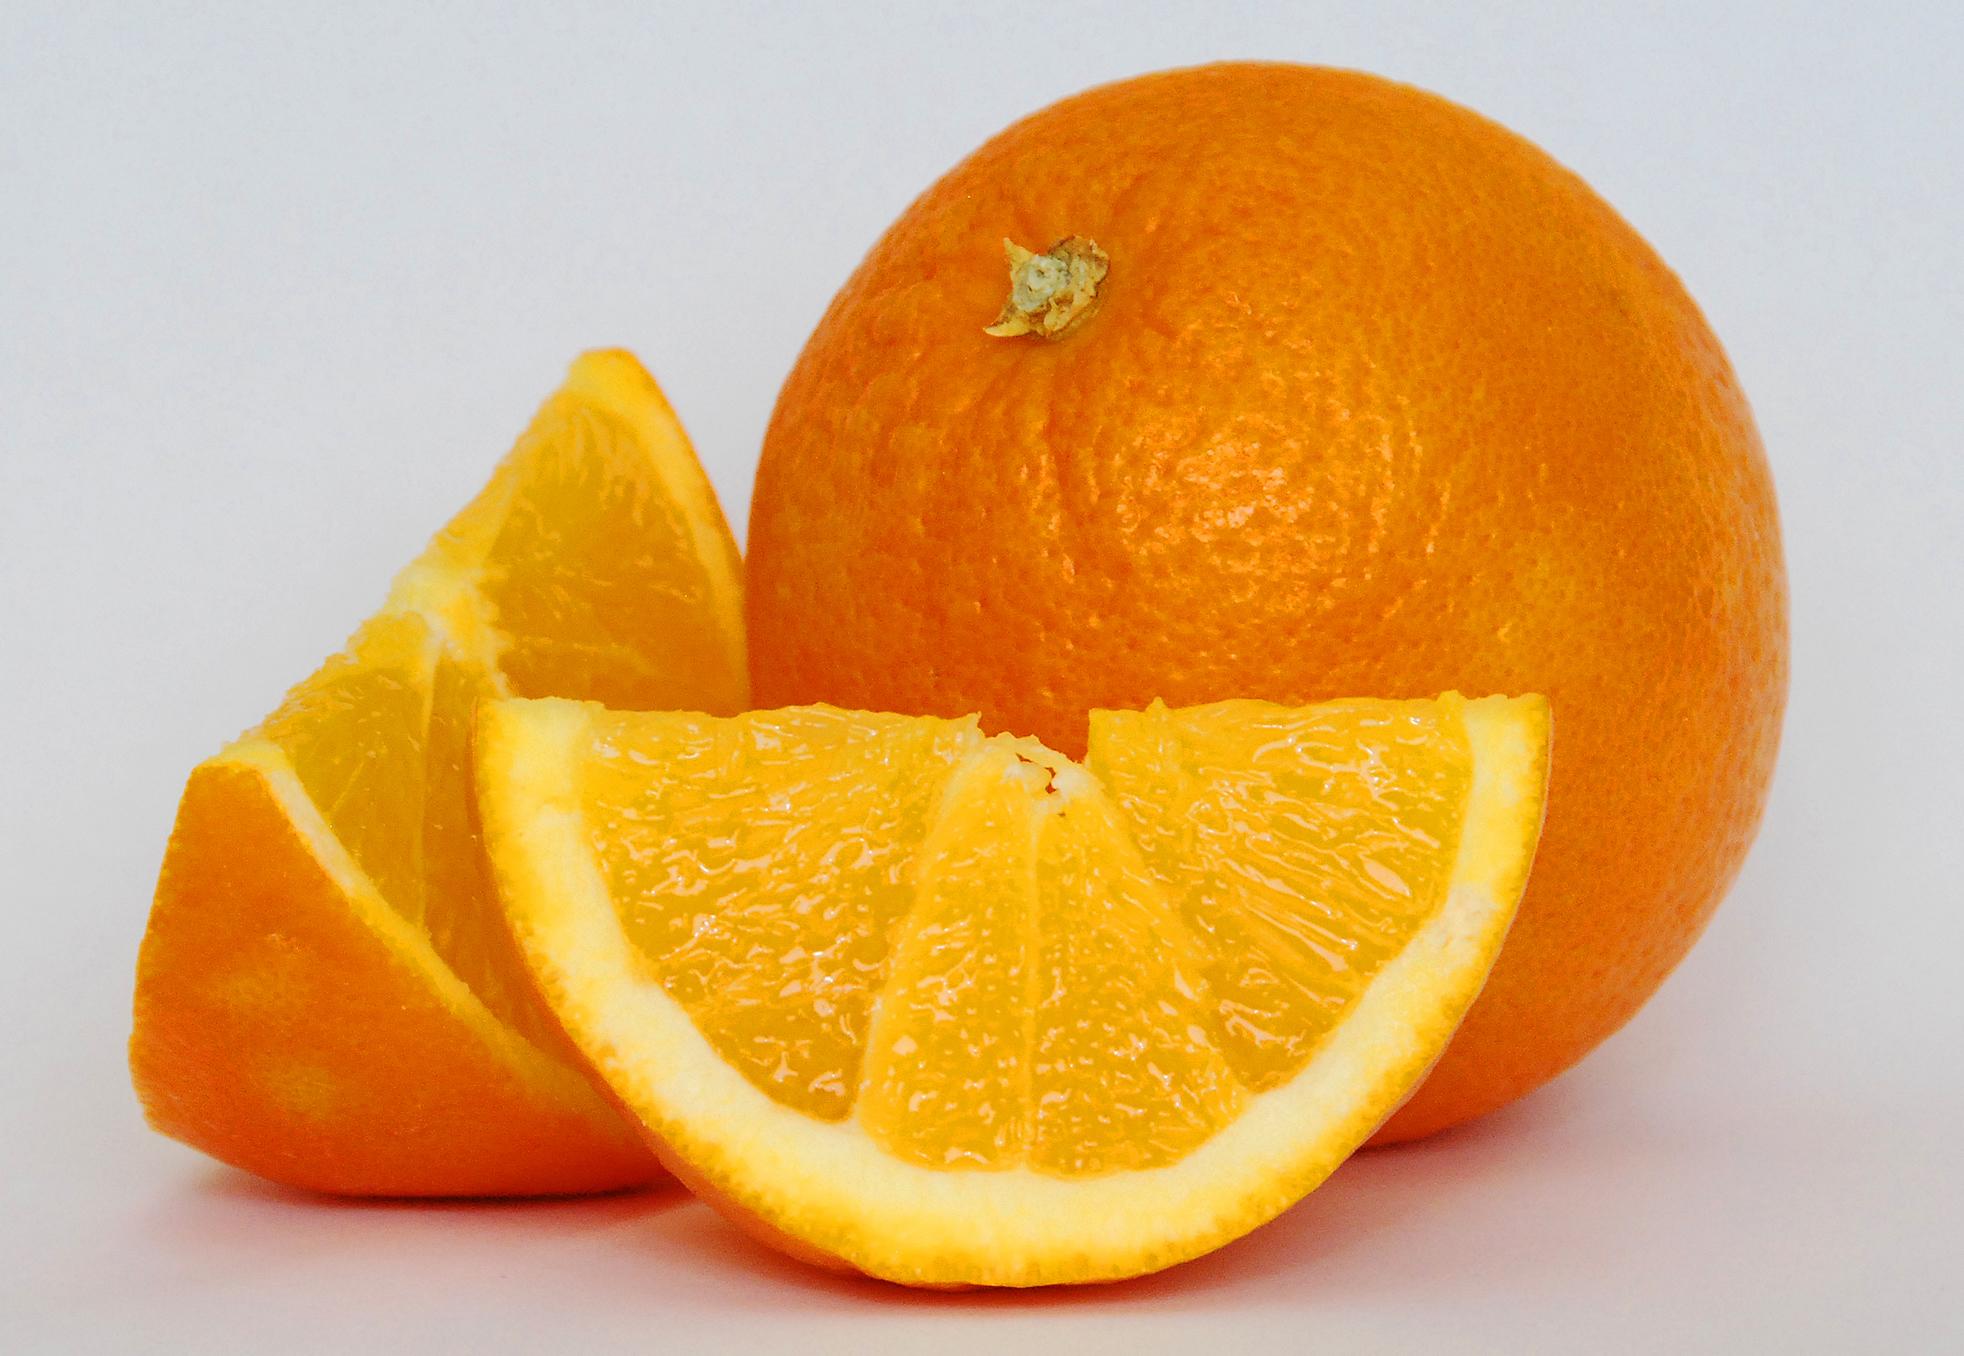 ассортимент картинка апельсина и дольки апельсина болтать часами, мире